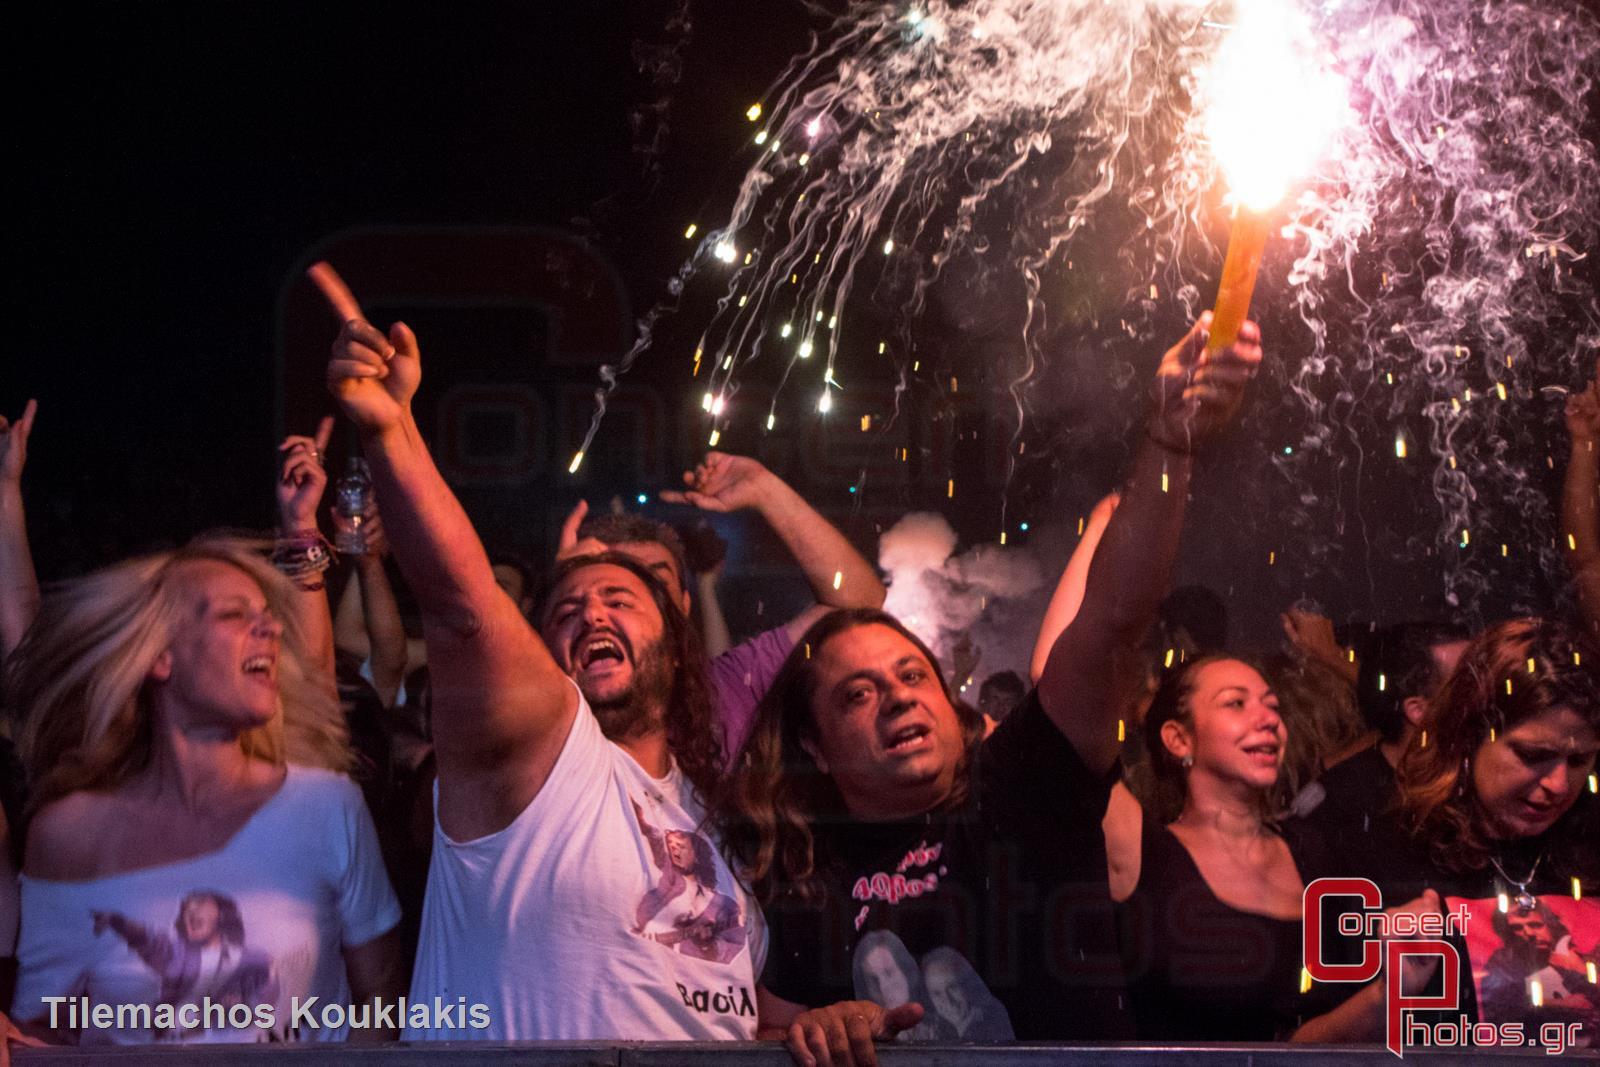 Βασίλης Παπακωνσταντίνου - 40 Χρόνια Έφηβος-Vasilis Papakonstantinou 40 Chronia Efivos photographer: Tilemachos Kouklakis - concertphotos_-5348